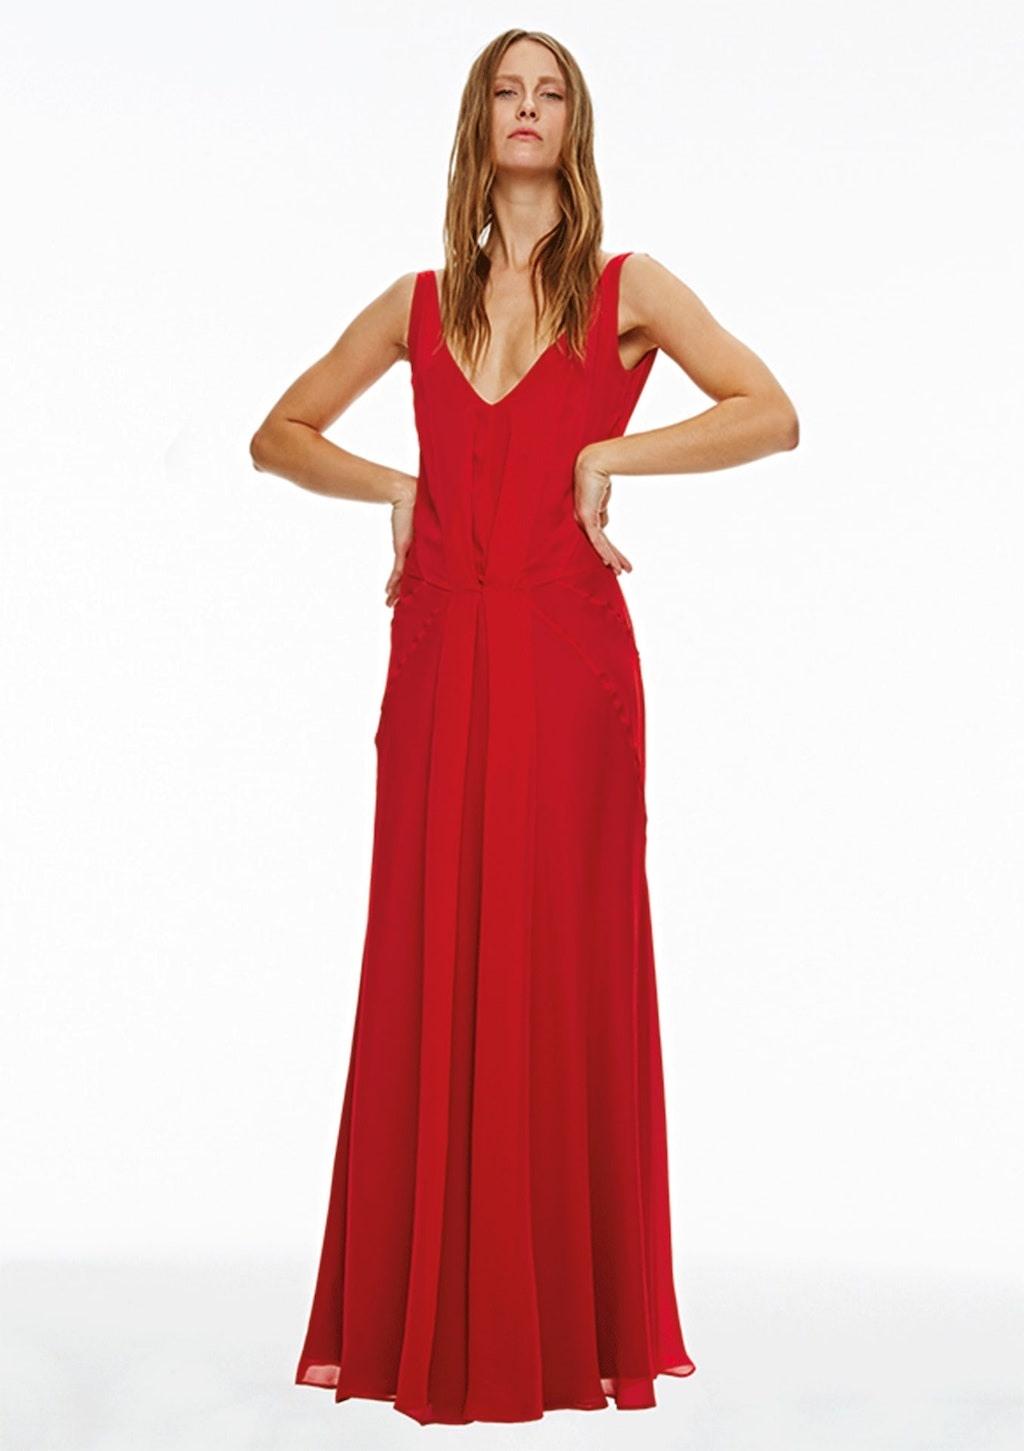 Leicht Abendkleid Rot Boutique17 Schön Abendkleid Rot Boutique